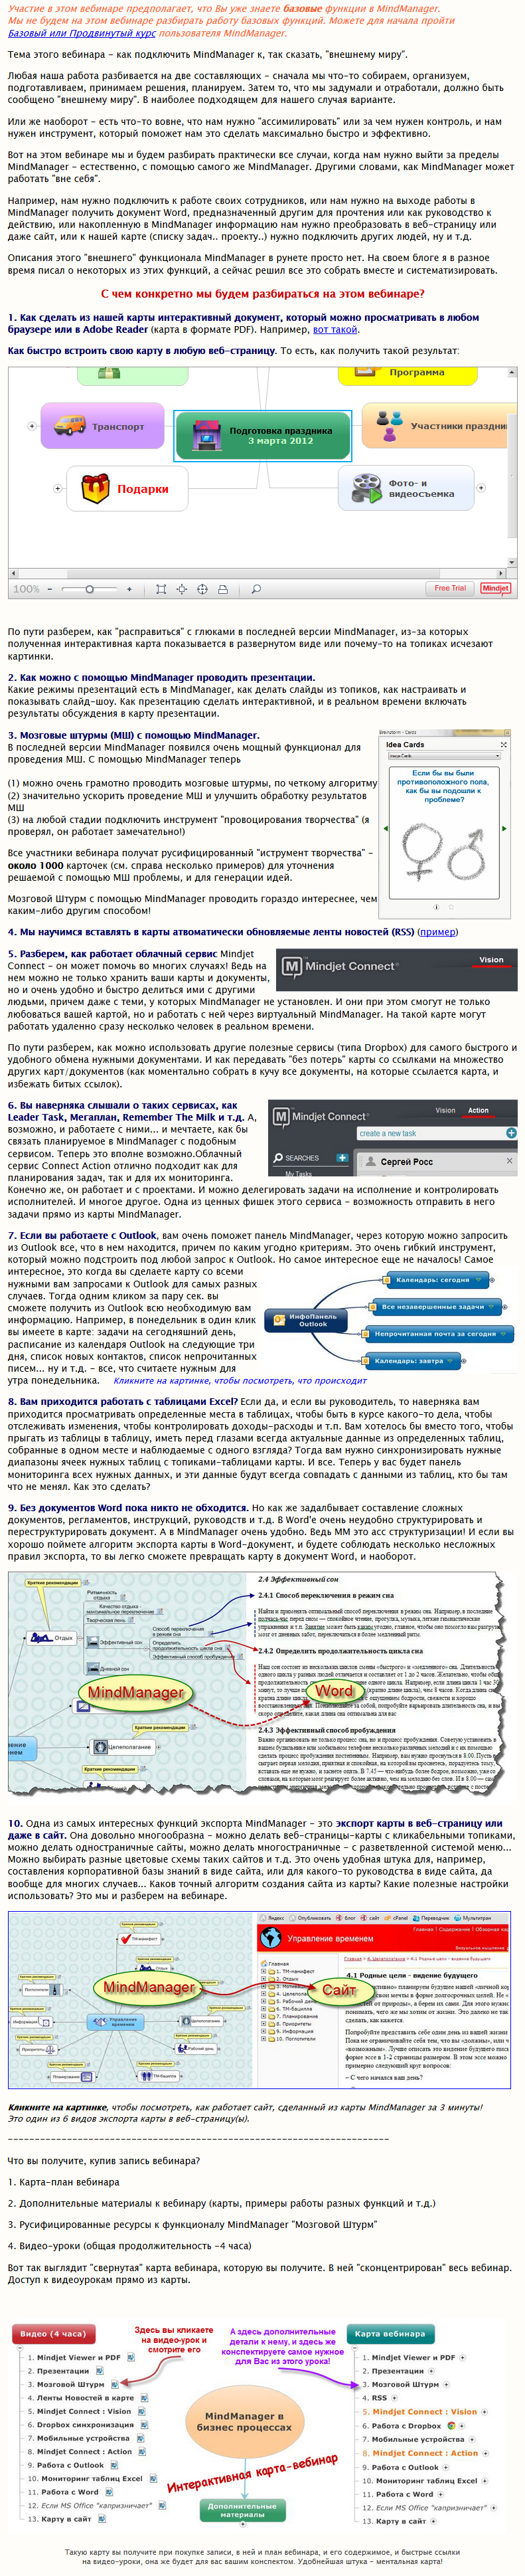 Сергей Росс - MindManager в бизнес процессах-2.jpg